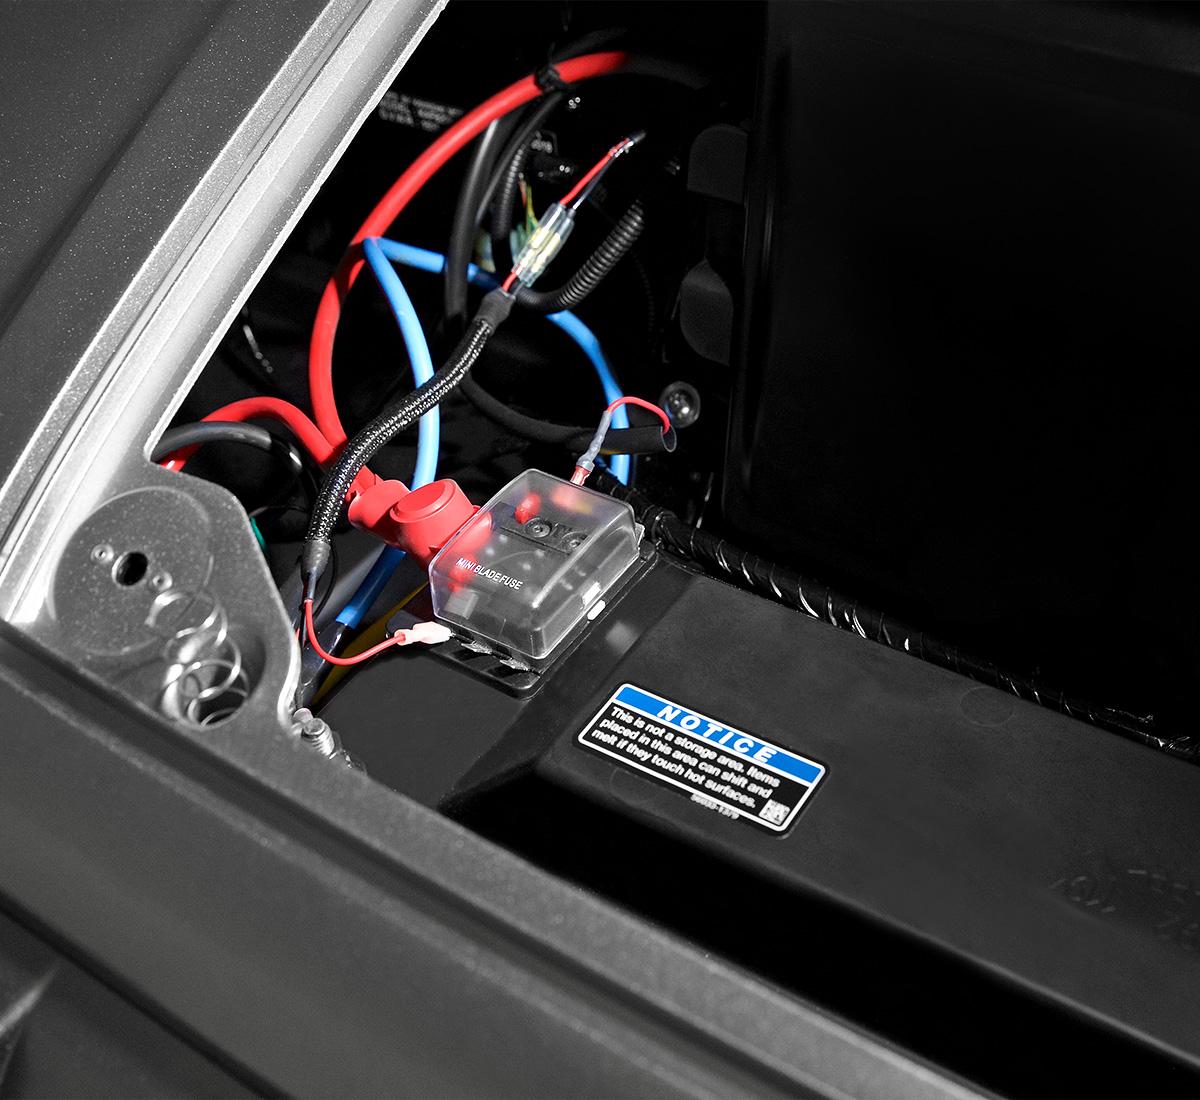 medium resolution of kawasaki mule fuse box wiring diagram dat fuse box on kawasaki mule fuse box on kawasaki mule